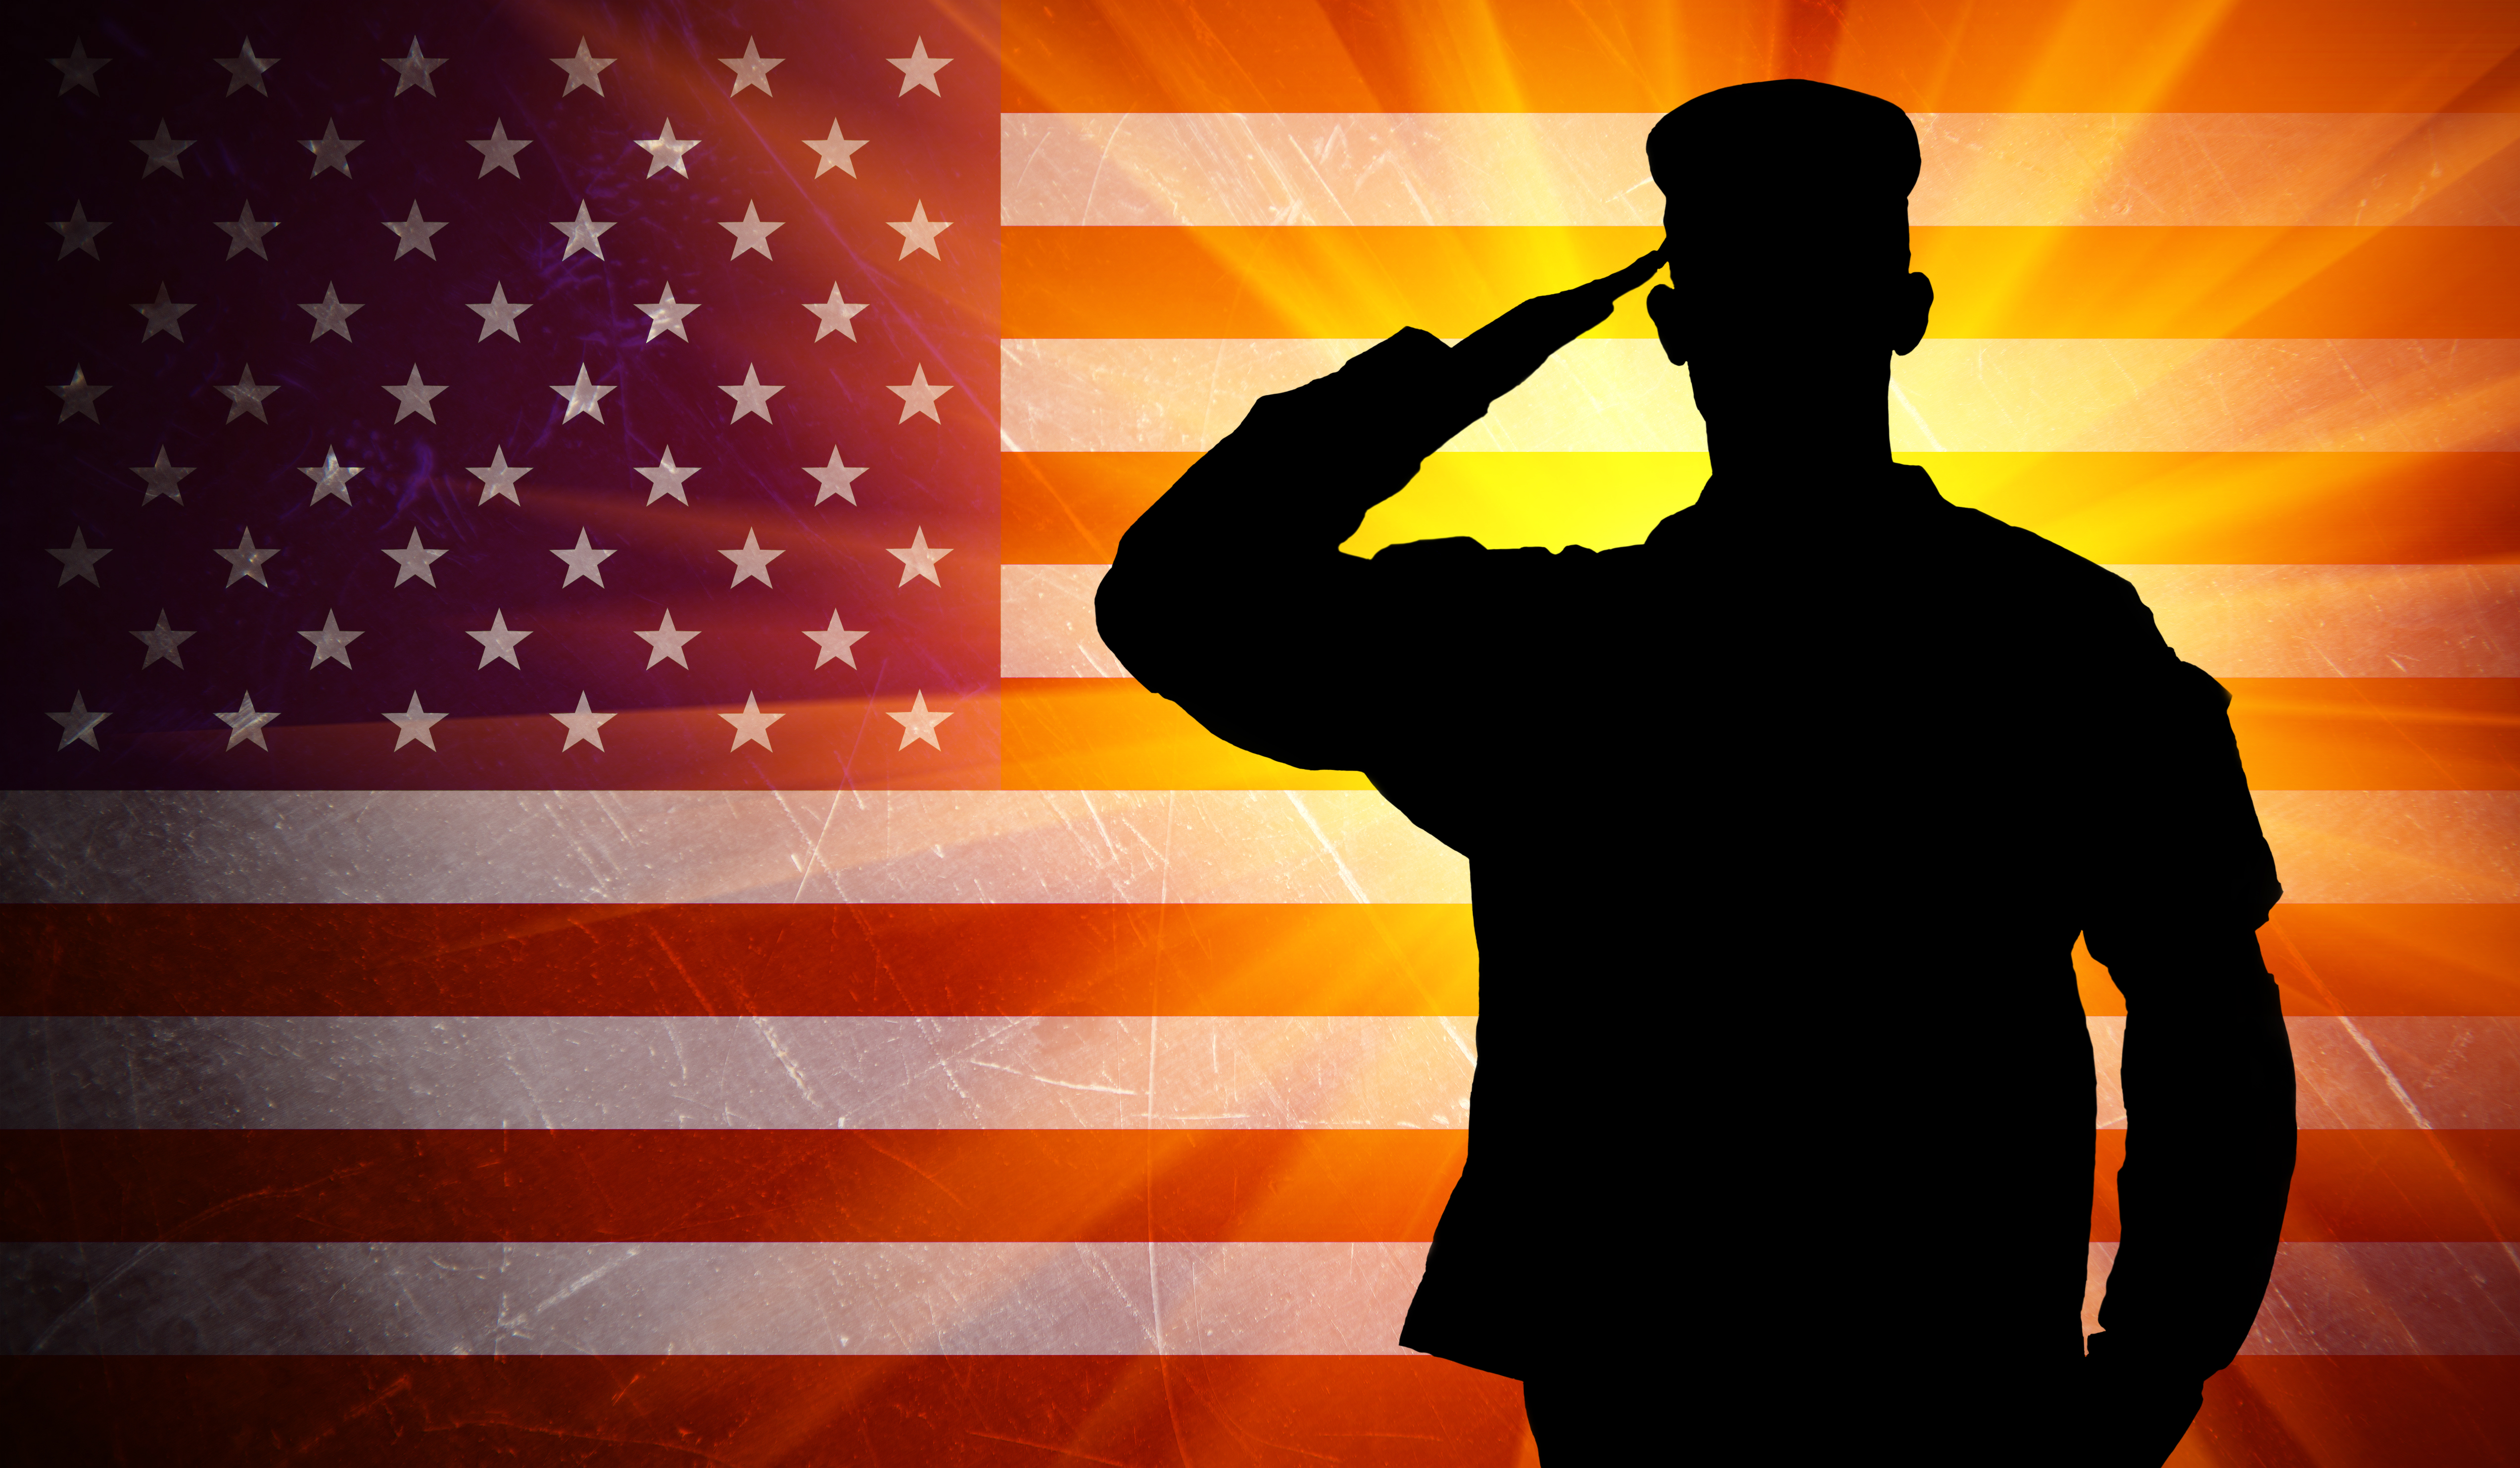 США намерены к 2021 году оставить в Афганистане не более 2,5 тыс. военных